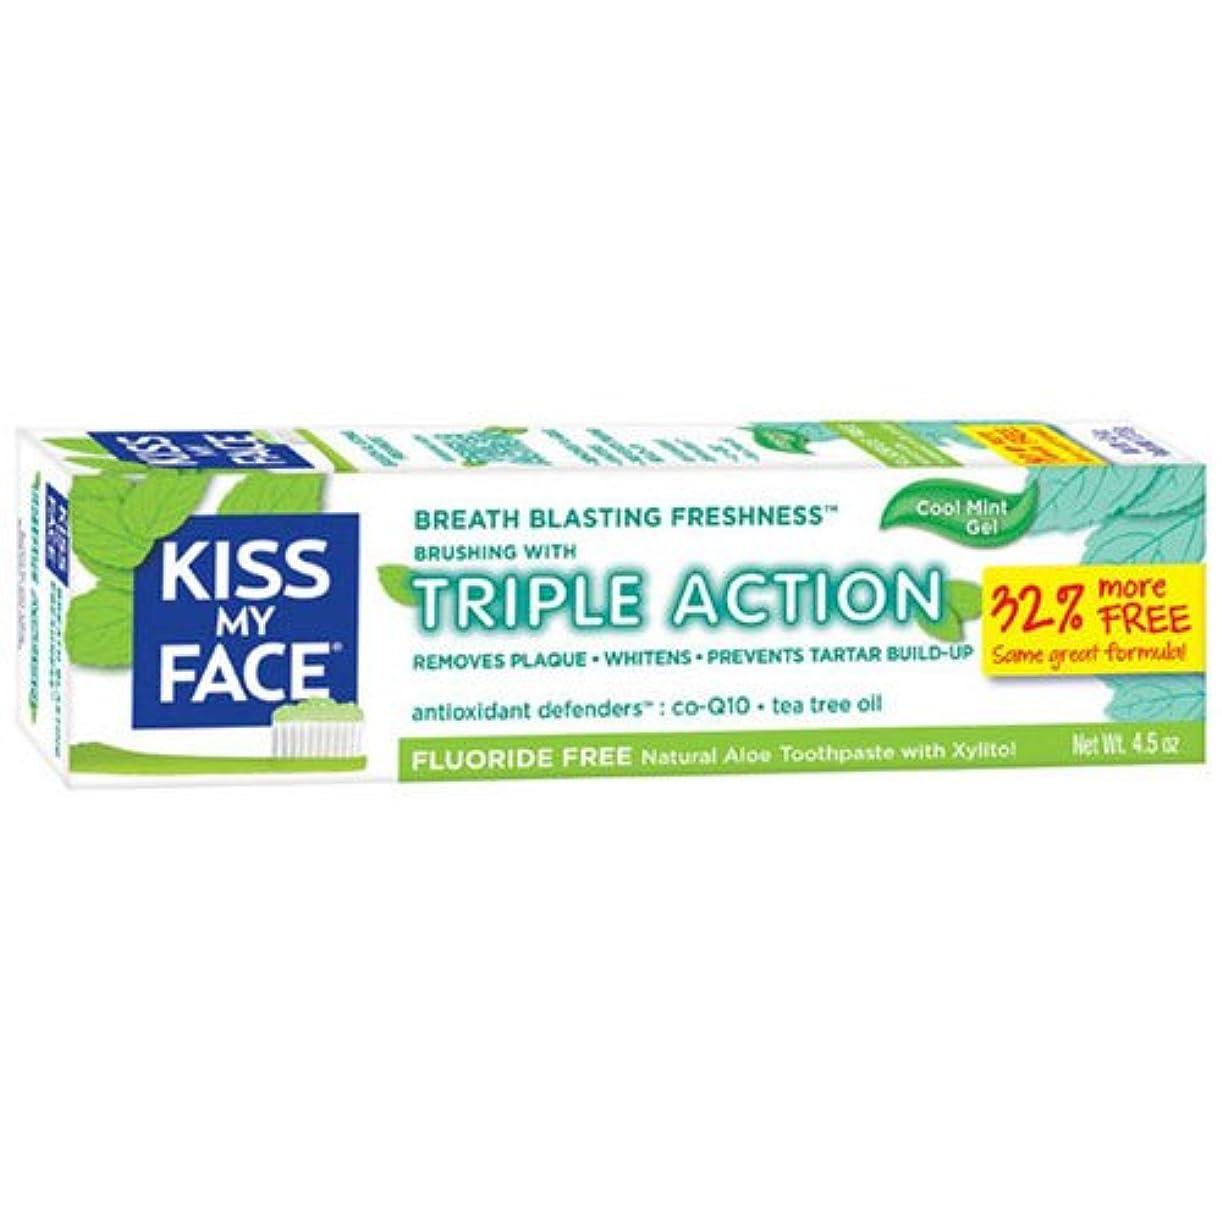 Kiss My Face ハミガキトリプルアクションミントジェル4.5オンスクール(133Ml)(3パック)